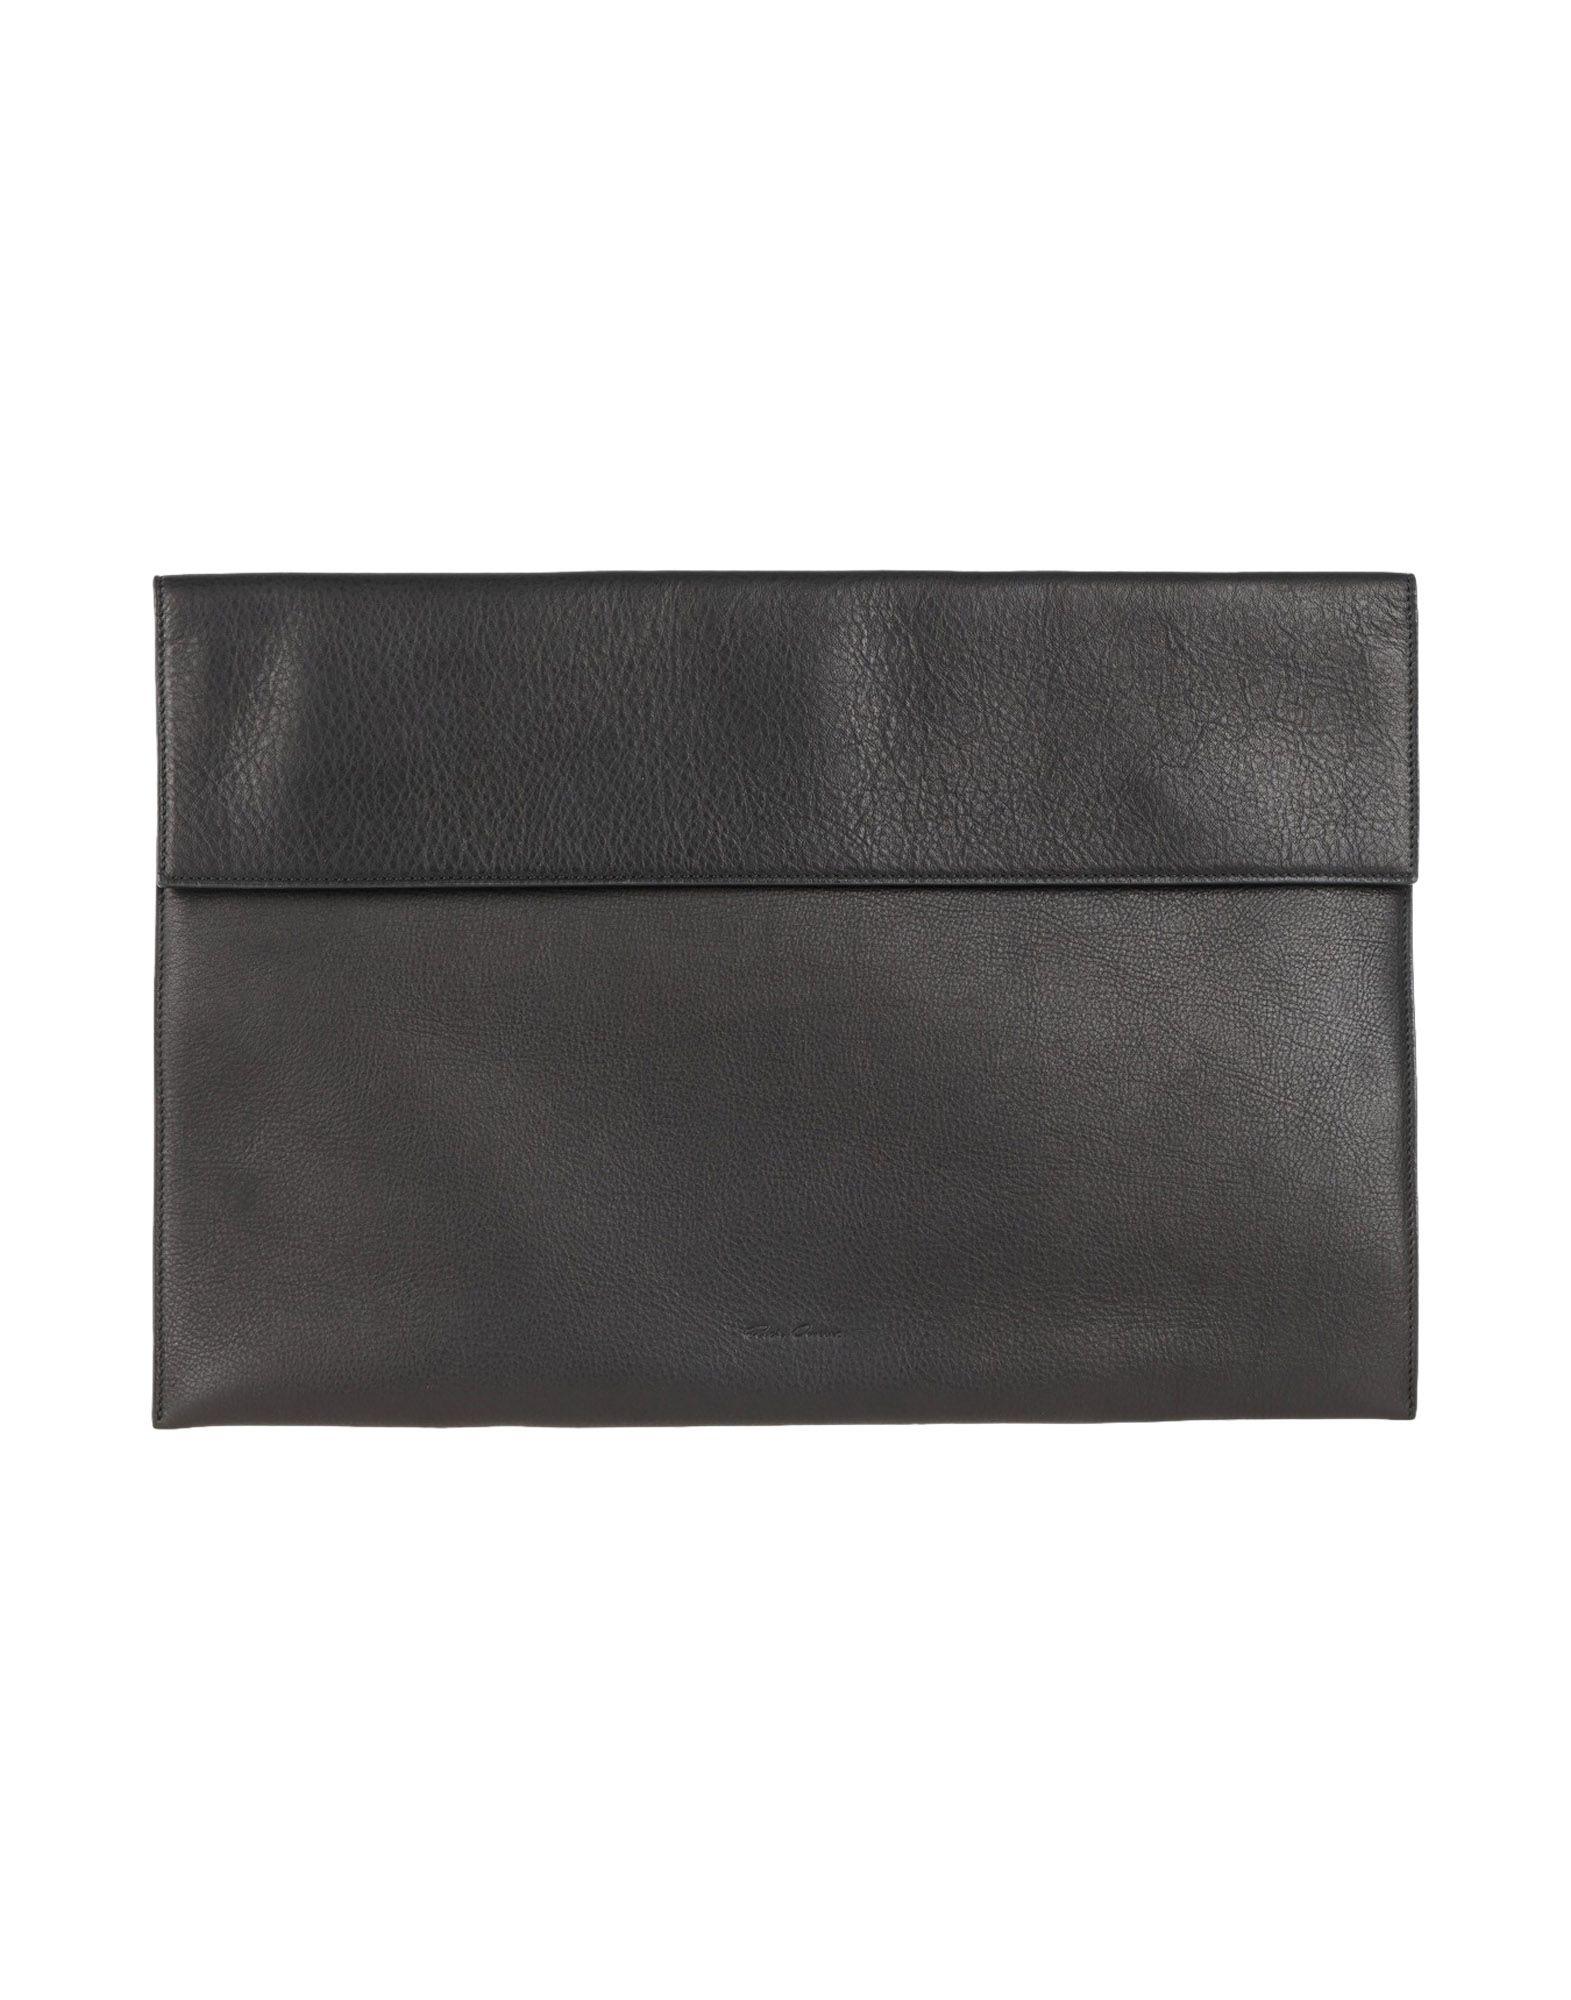 RICK OWENS Деловые сумки мужские сумки